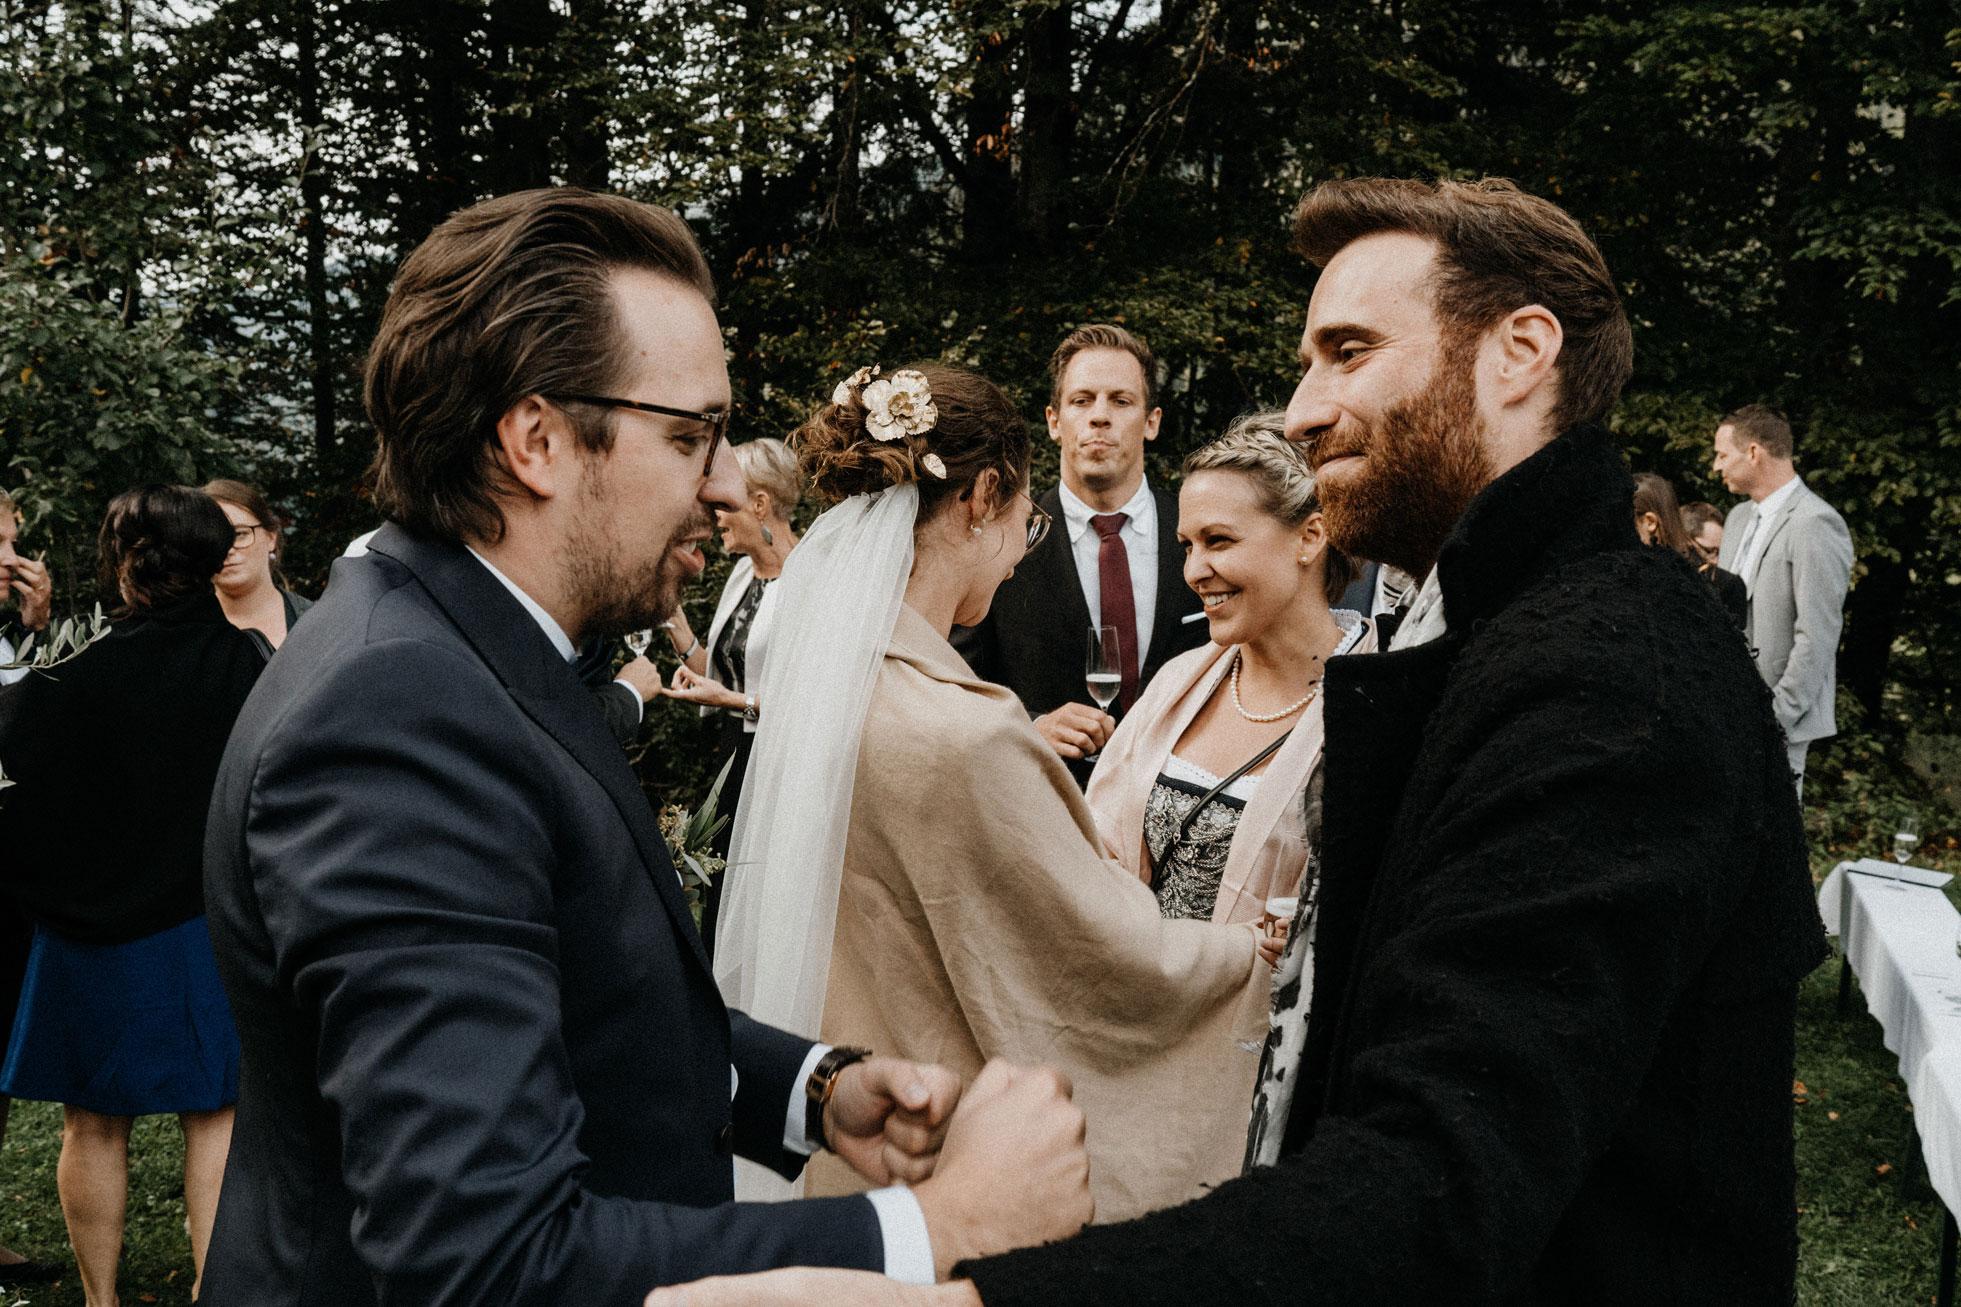 Hochzeit_Claire_Manuel_Villa_Maund_Daniel_Jenny-284.jpg